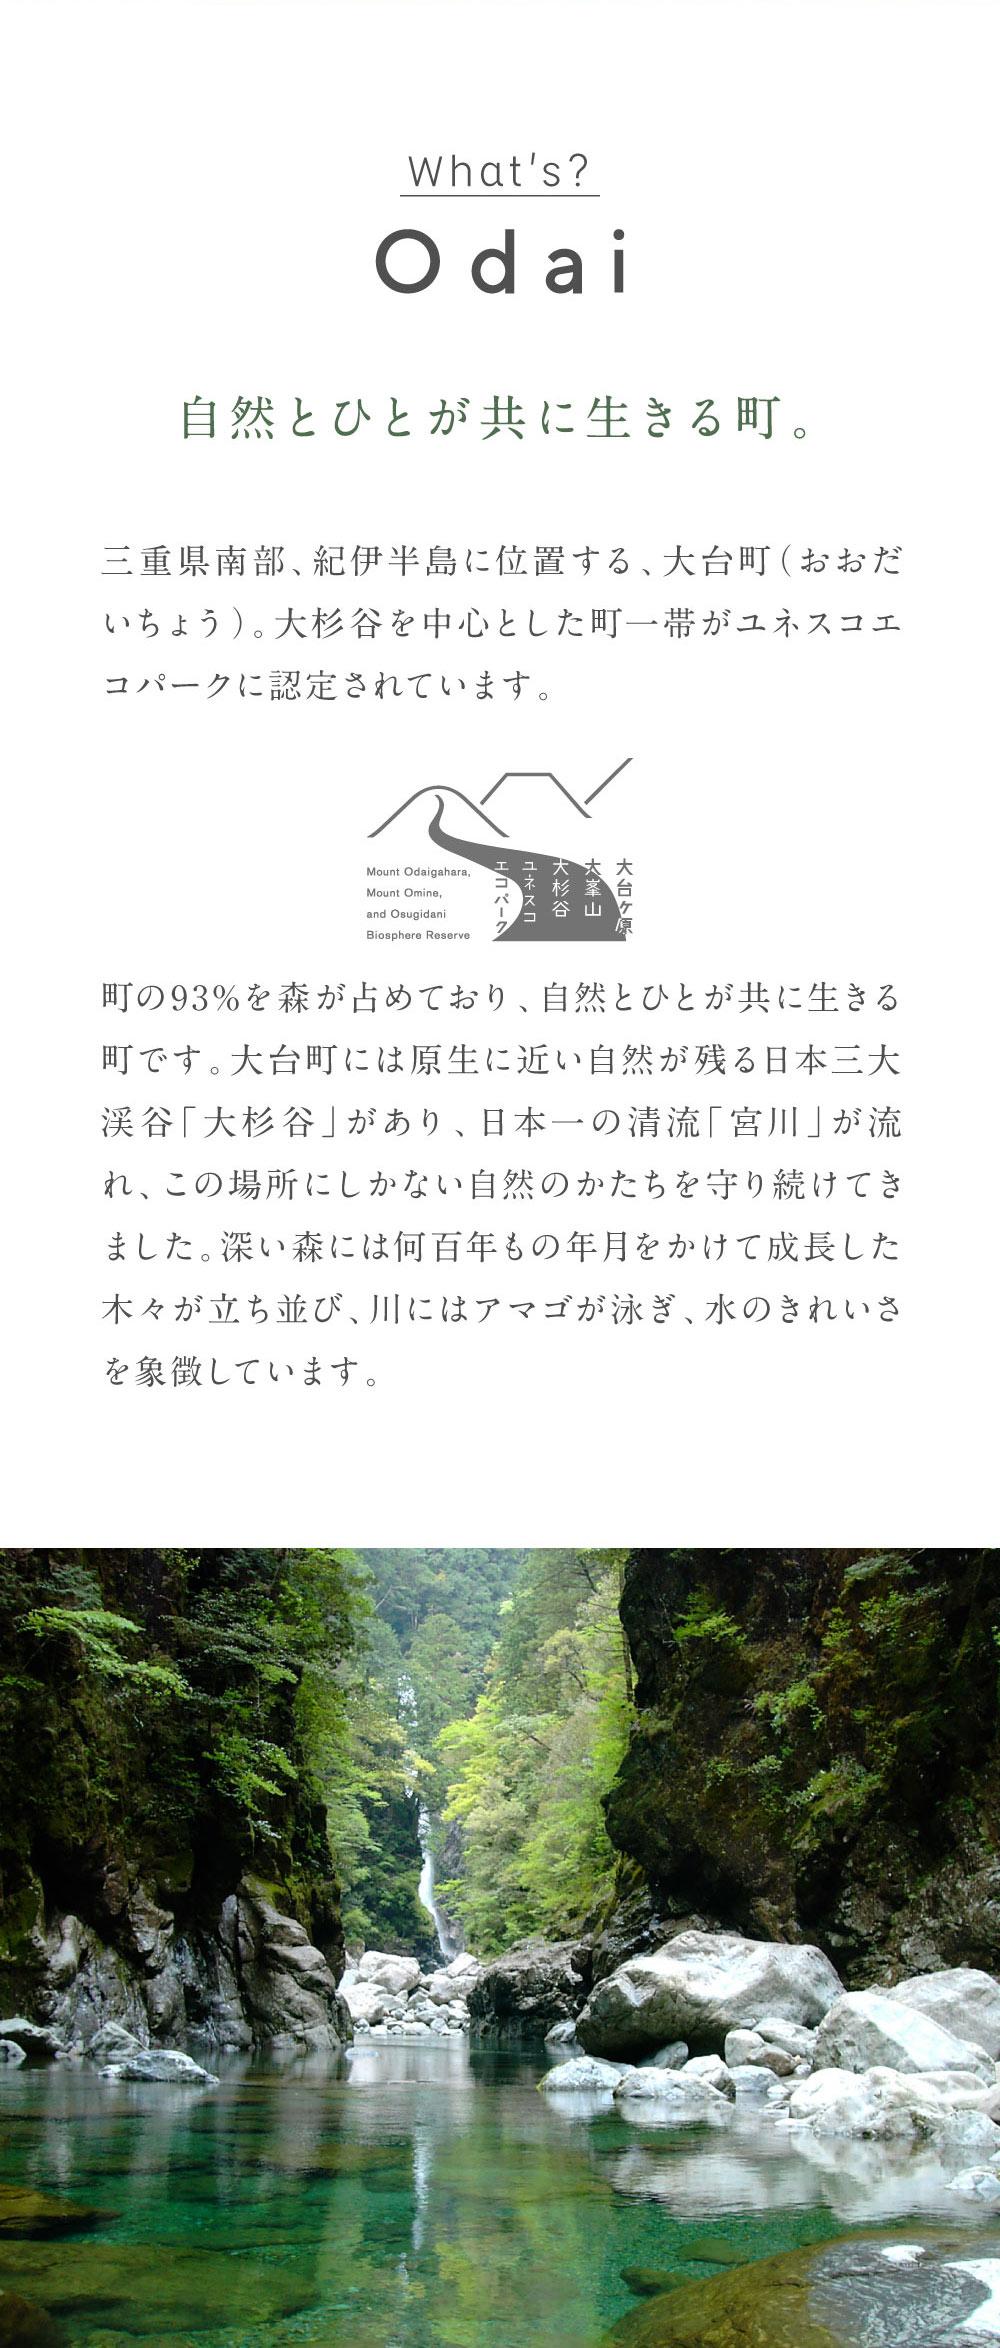 三重県南部、紀伊半島に位置する大台町は自然とひとが共に生きる町。